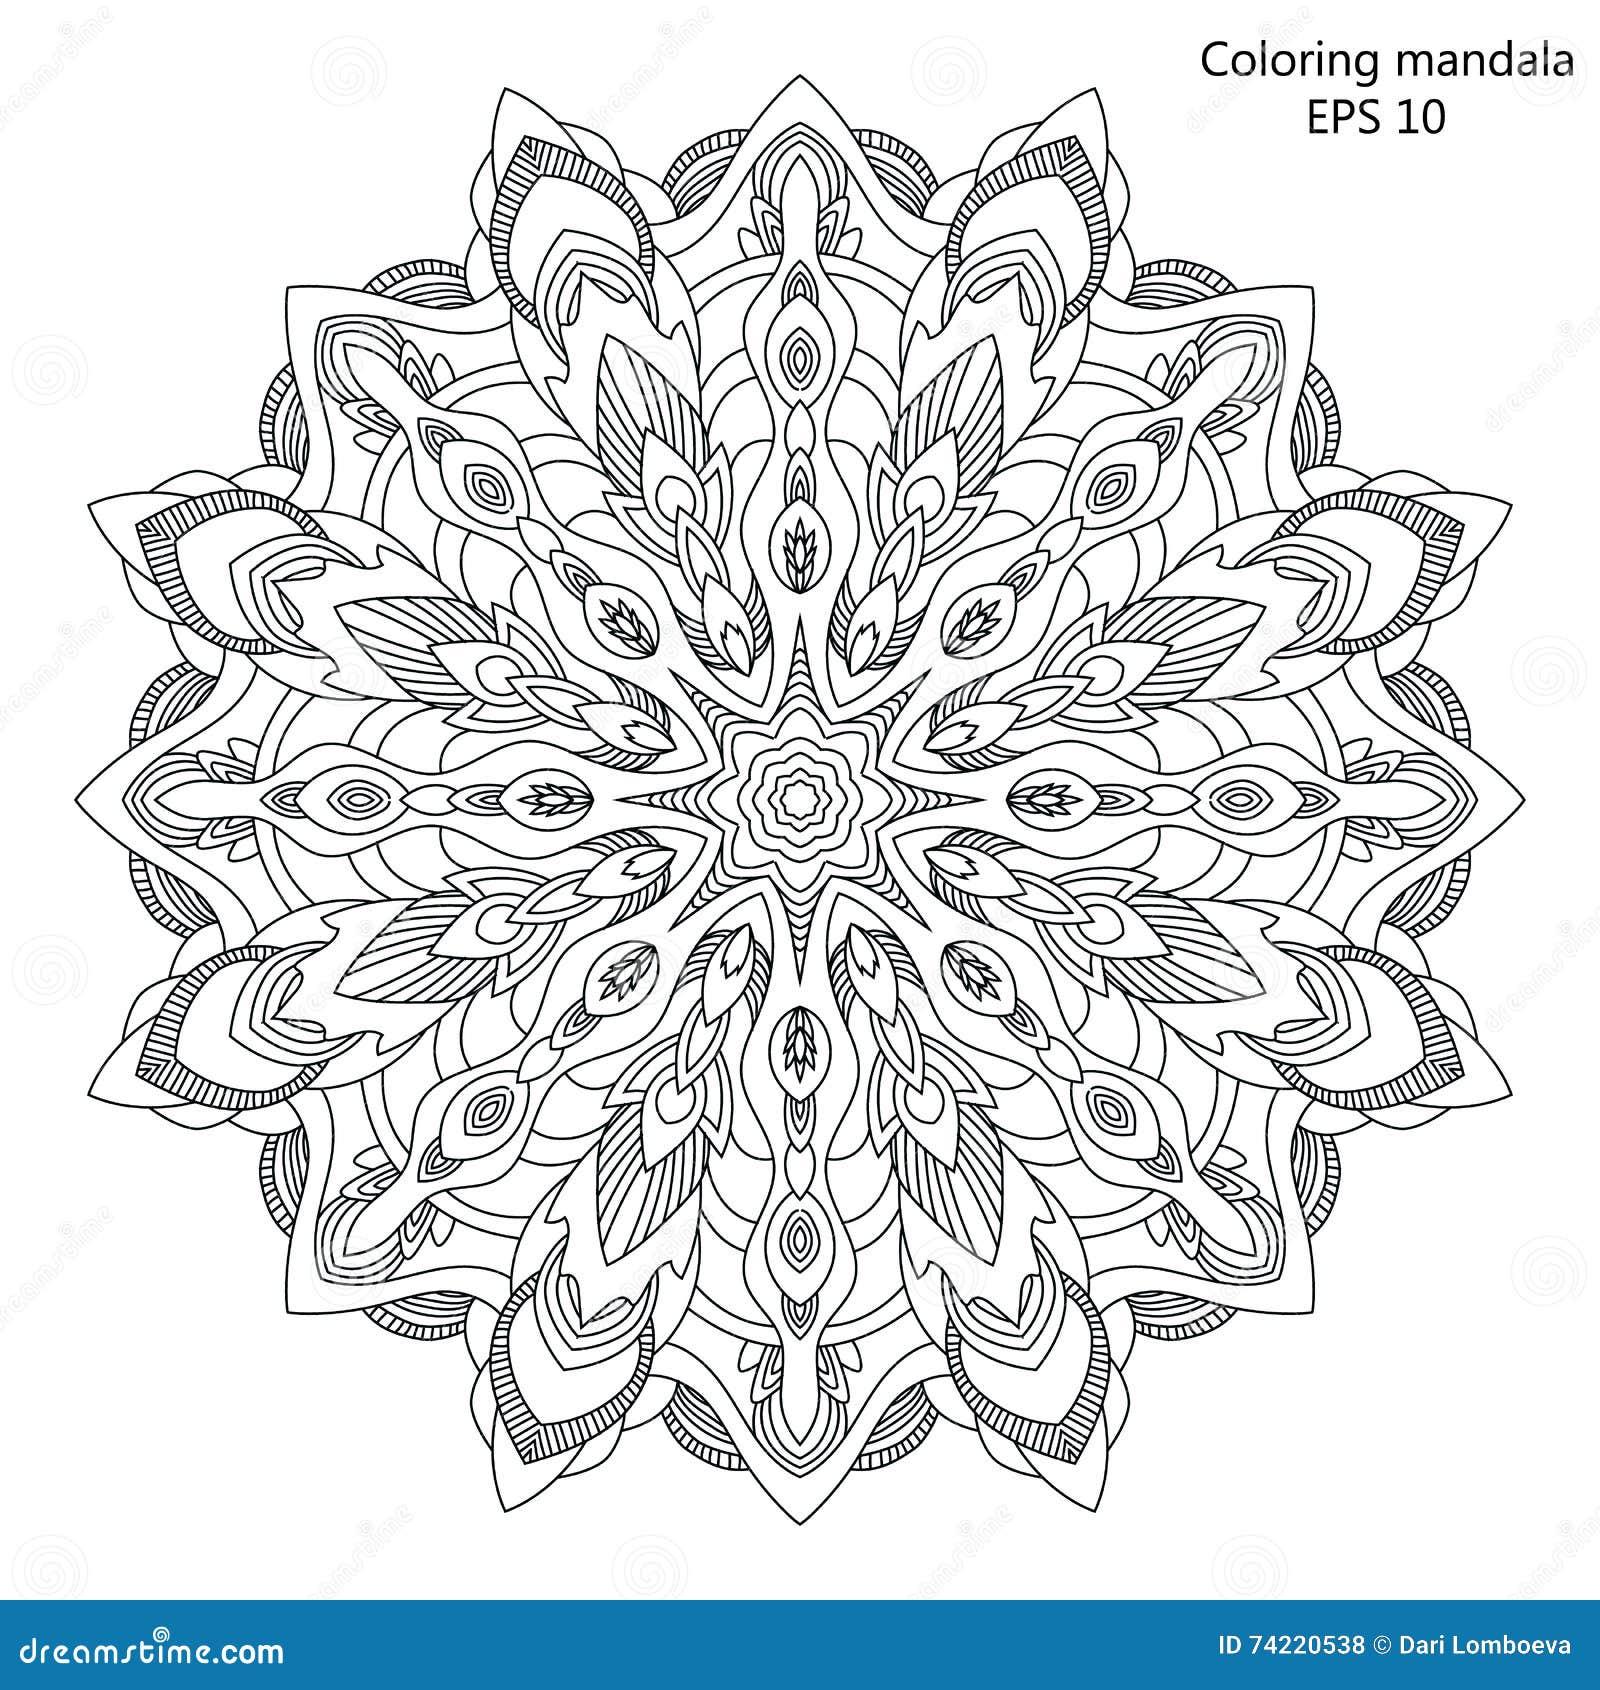 Moeilijke Kleurplaten Voor Volwassenen Bloemen.Moeilijke Kleurplaten Voor Volwassenen Bloemen Nvnpr Shareimages Co